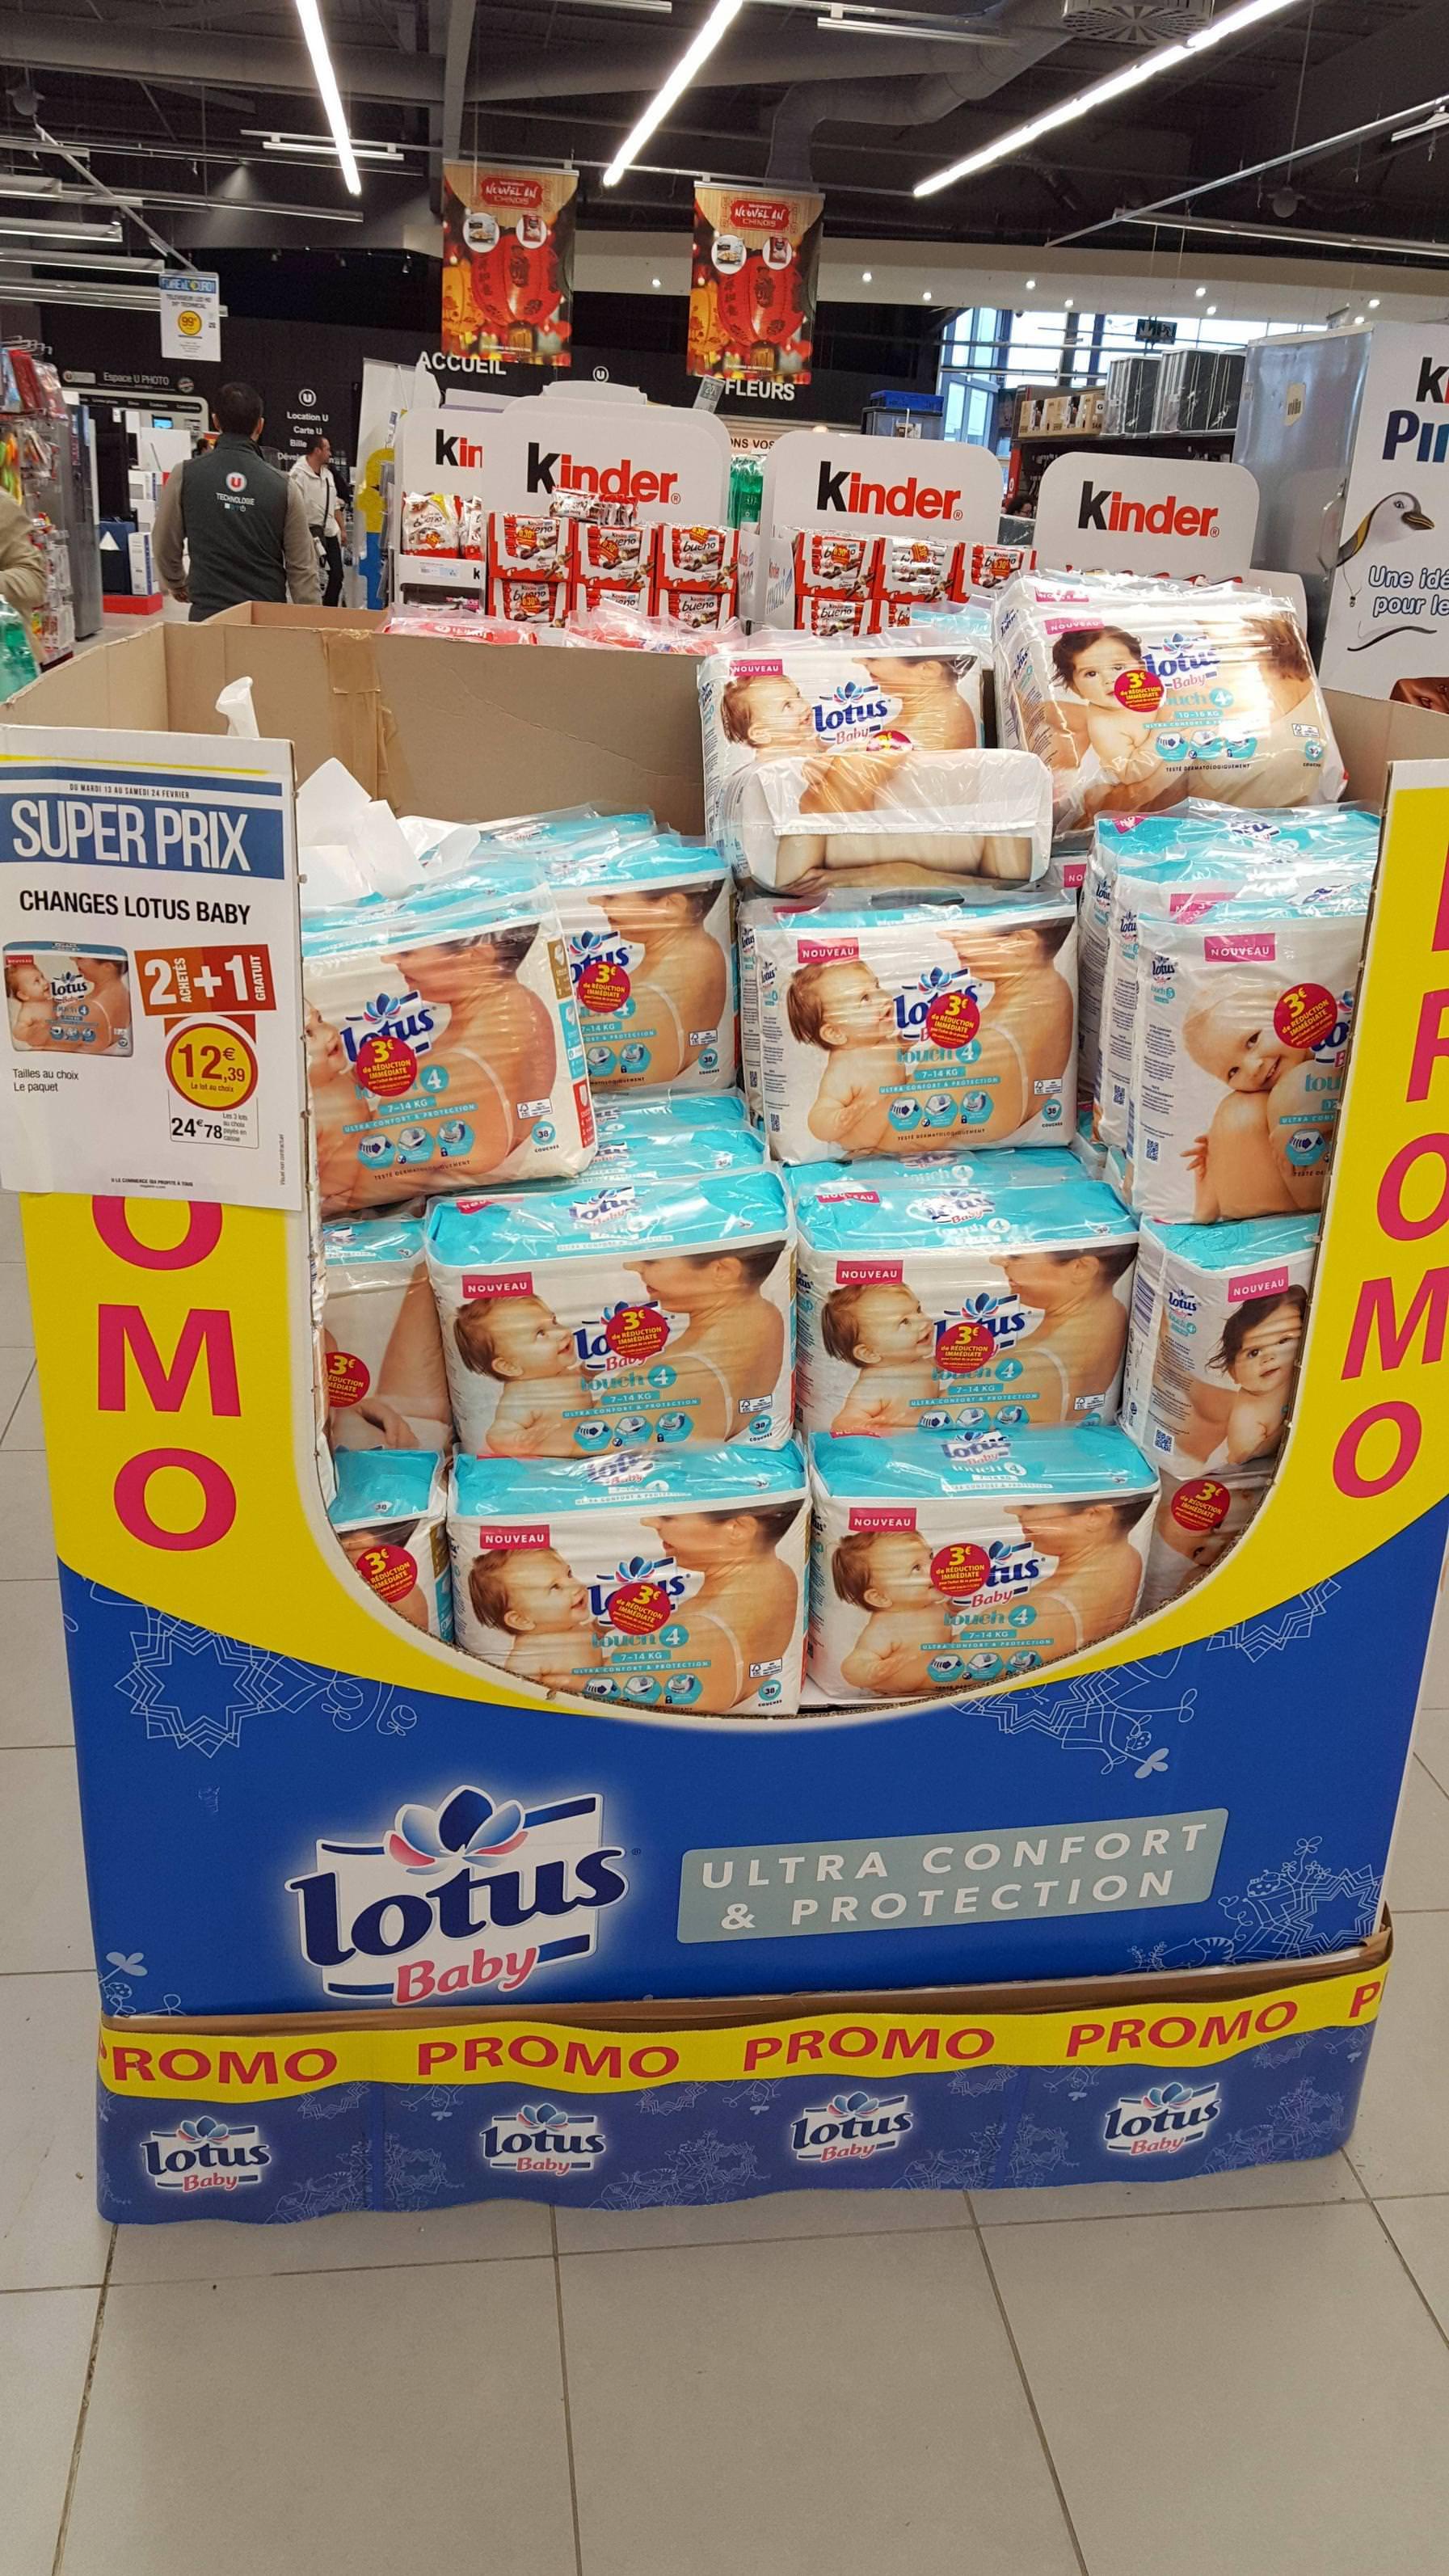 Lot de 3 paquets de couches Lotus Baby - Différentes tailles (via BDR + 4.16€ sur la carte de fidélité) (Mazé-Milon 49)